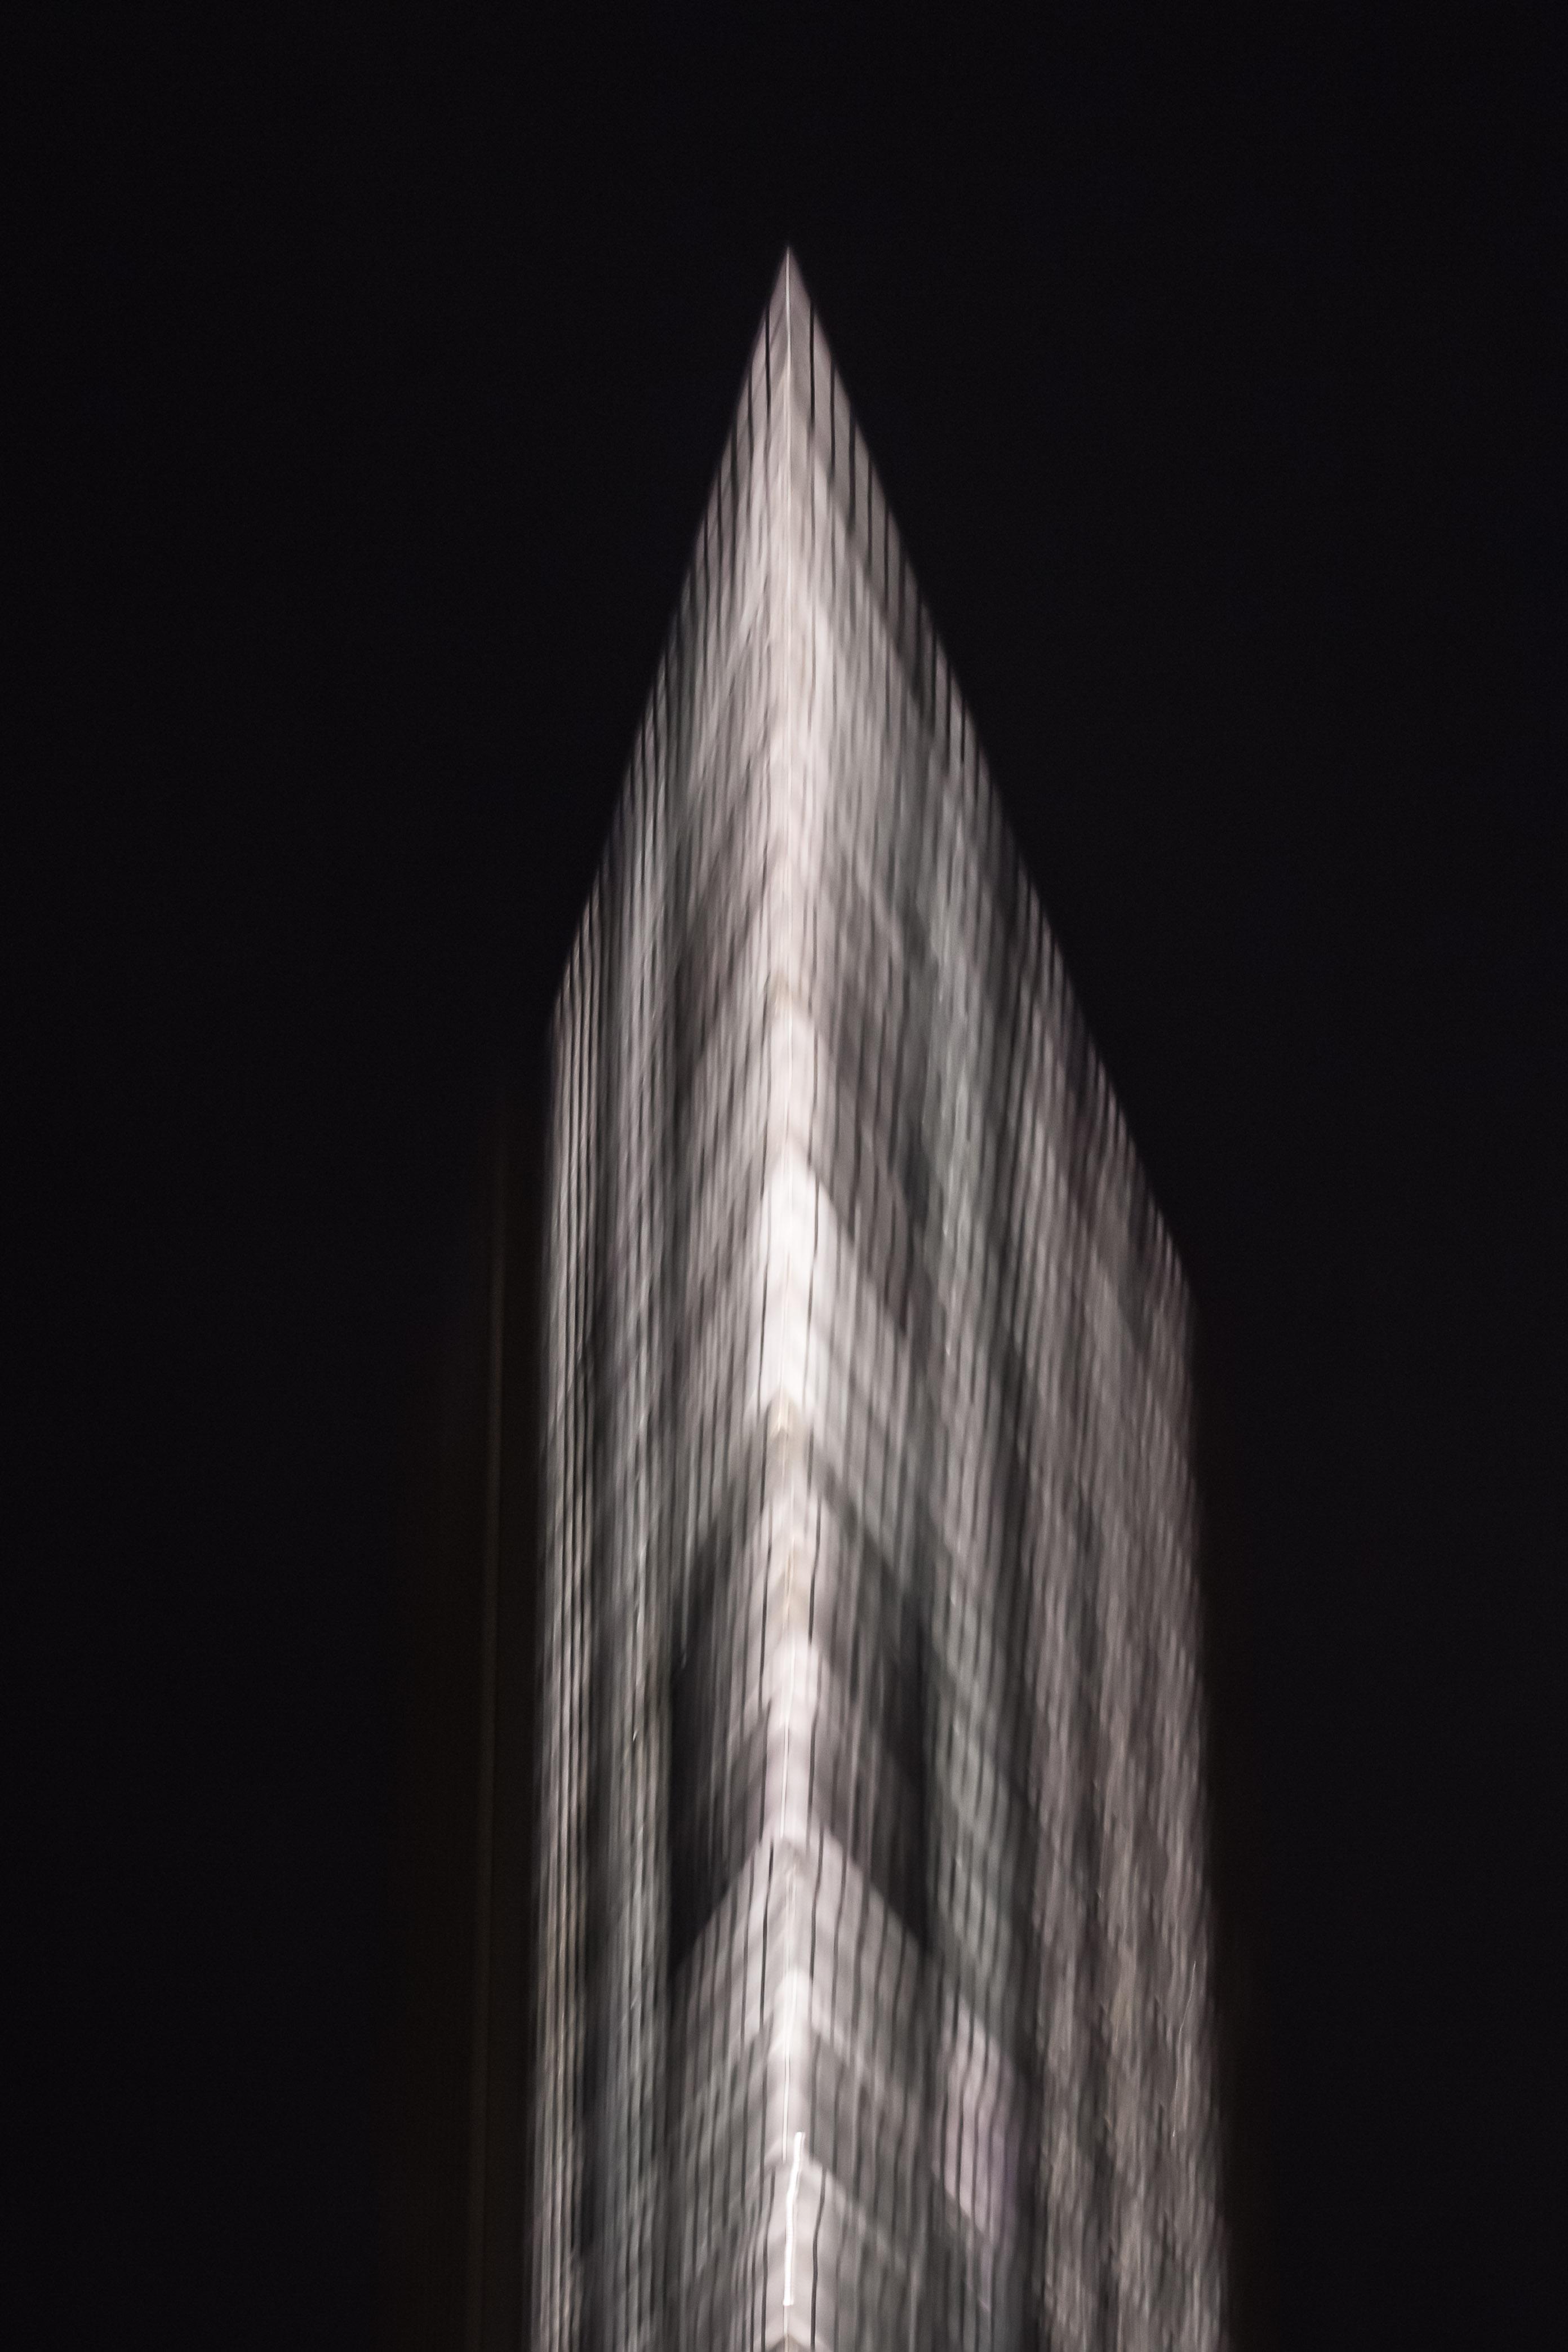 Debis Tower